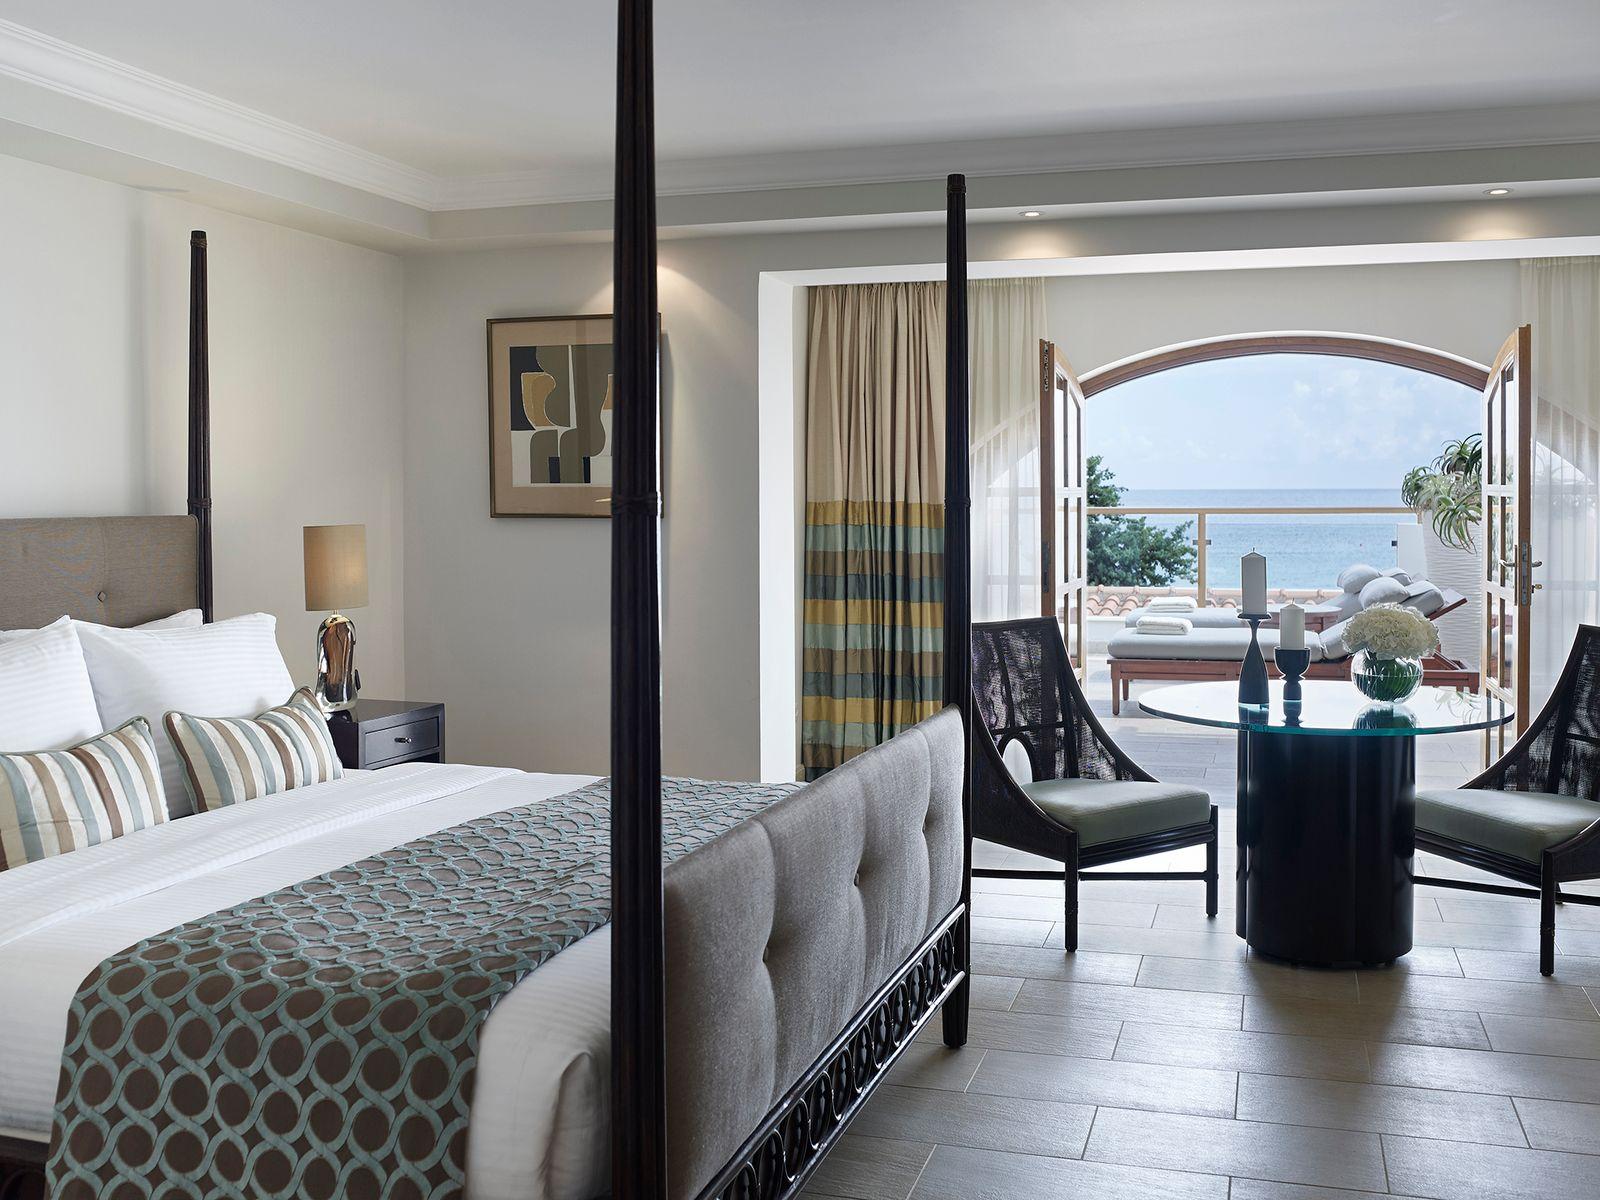 Hotel Creta Maris Beach Resort, Kreta - Unique Suites